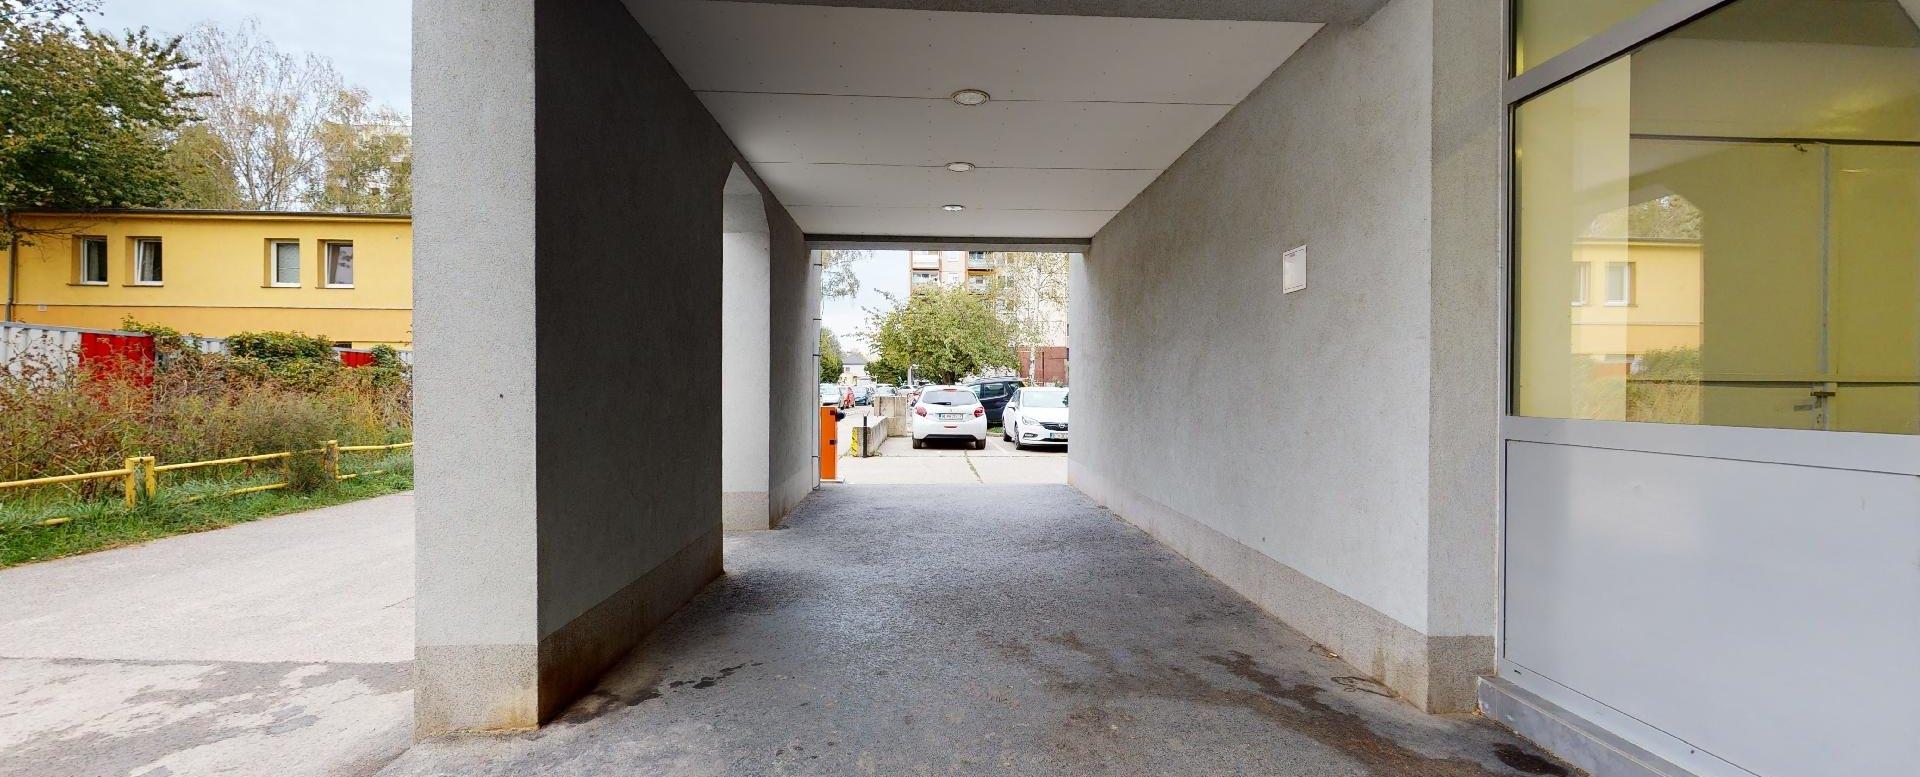 Prístup k bytovému domu Vlčie hrdlo 57